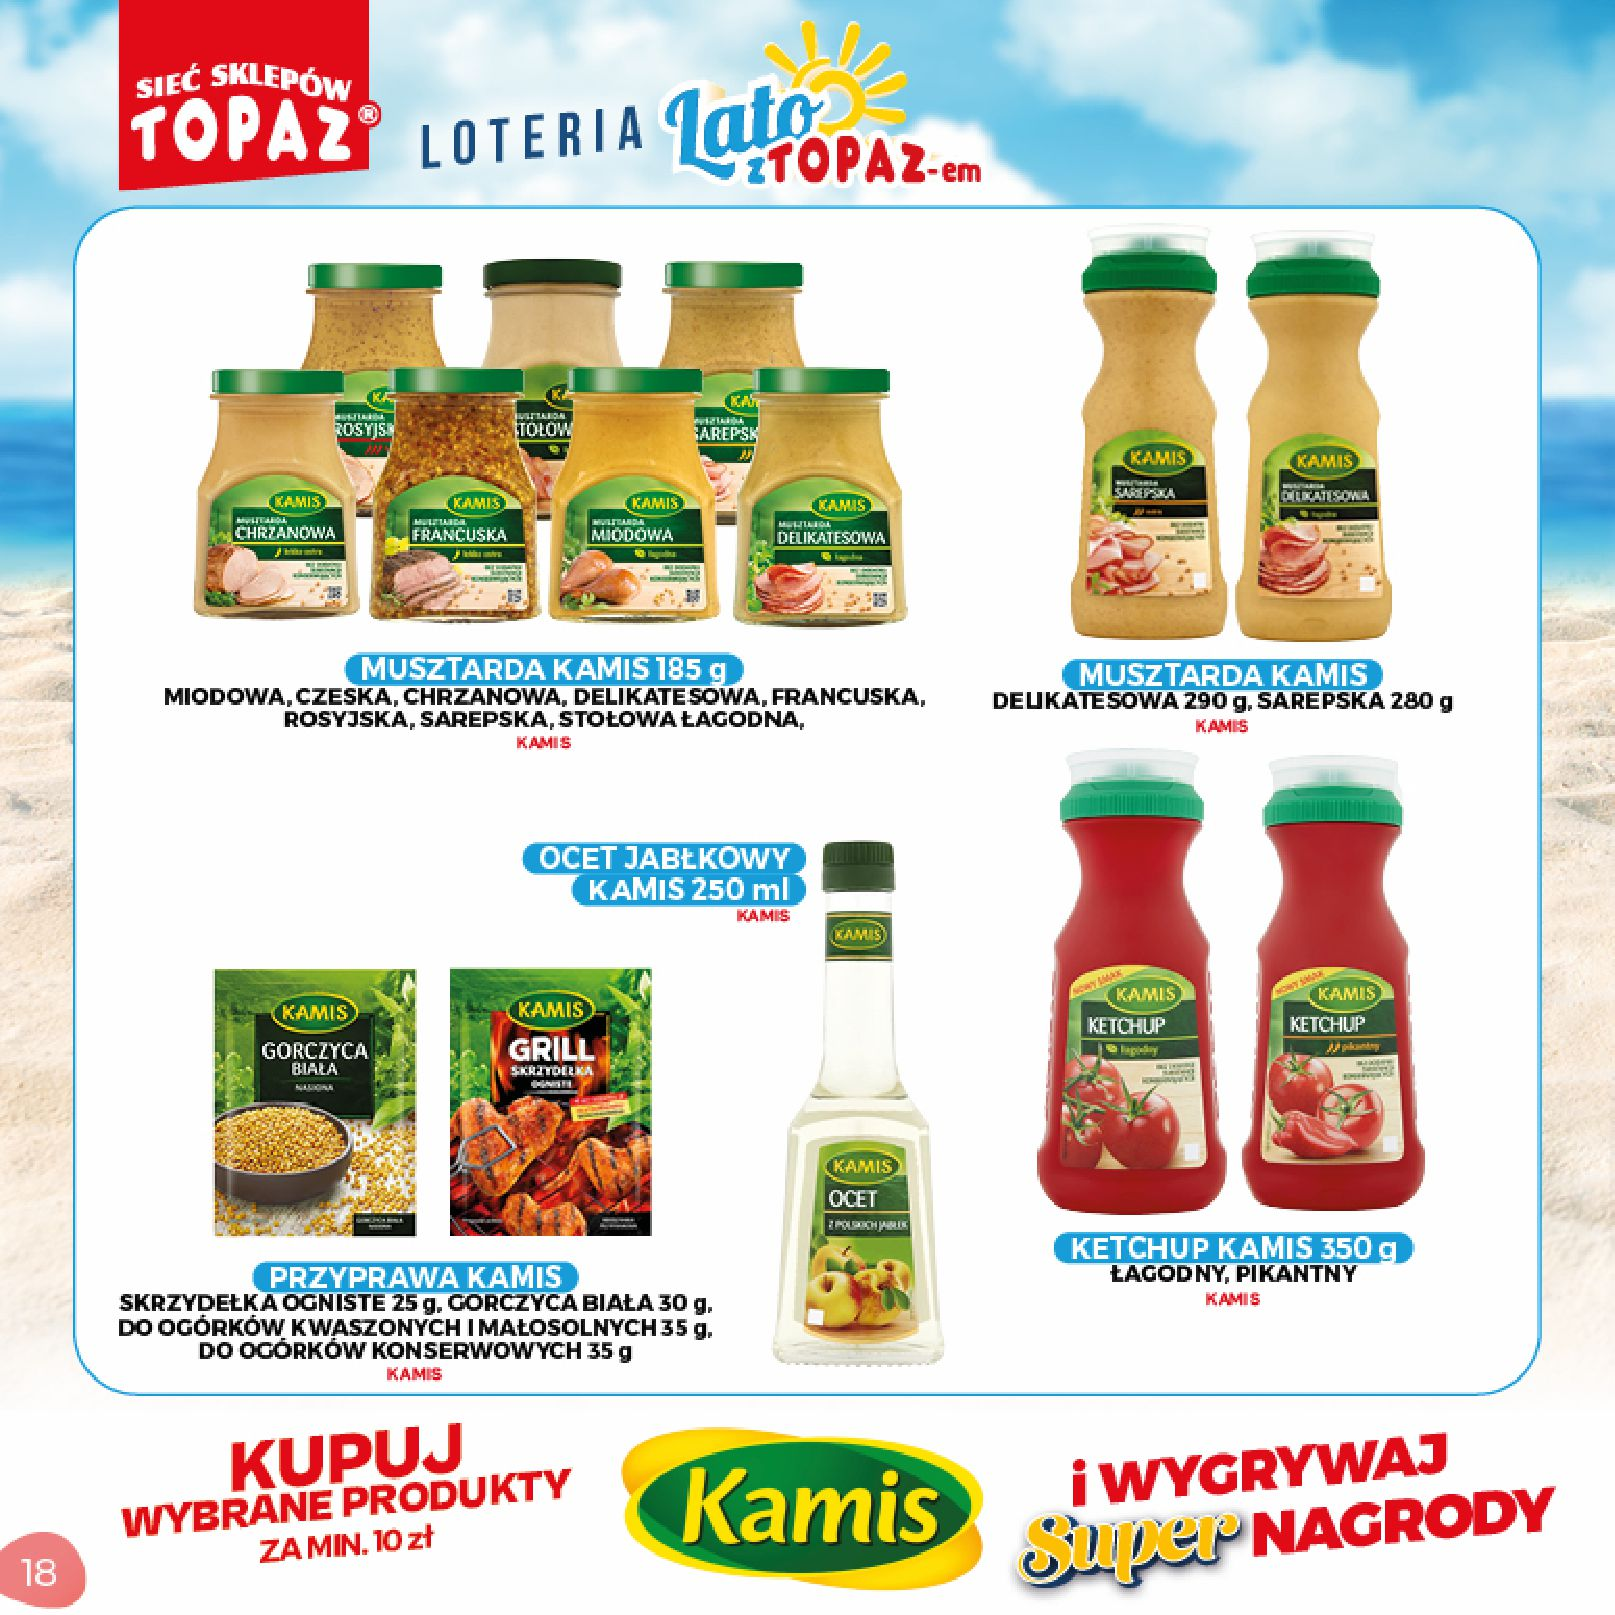 Gazetka TOPAZ: Gazetka TOPAZ - Loteria 2021-07-05 page-18